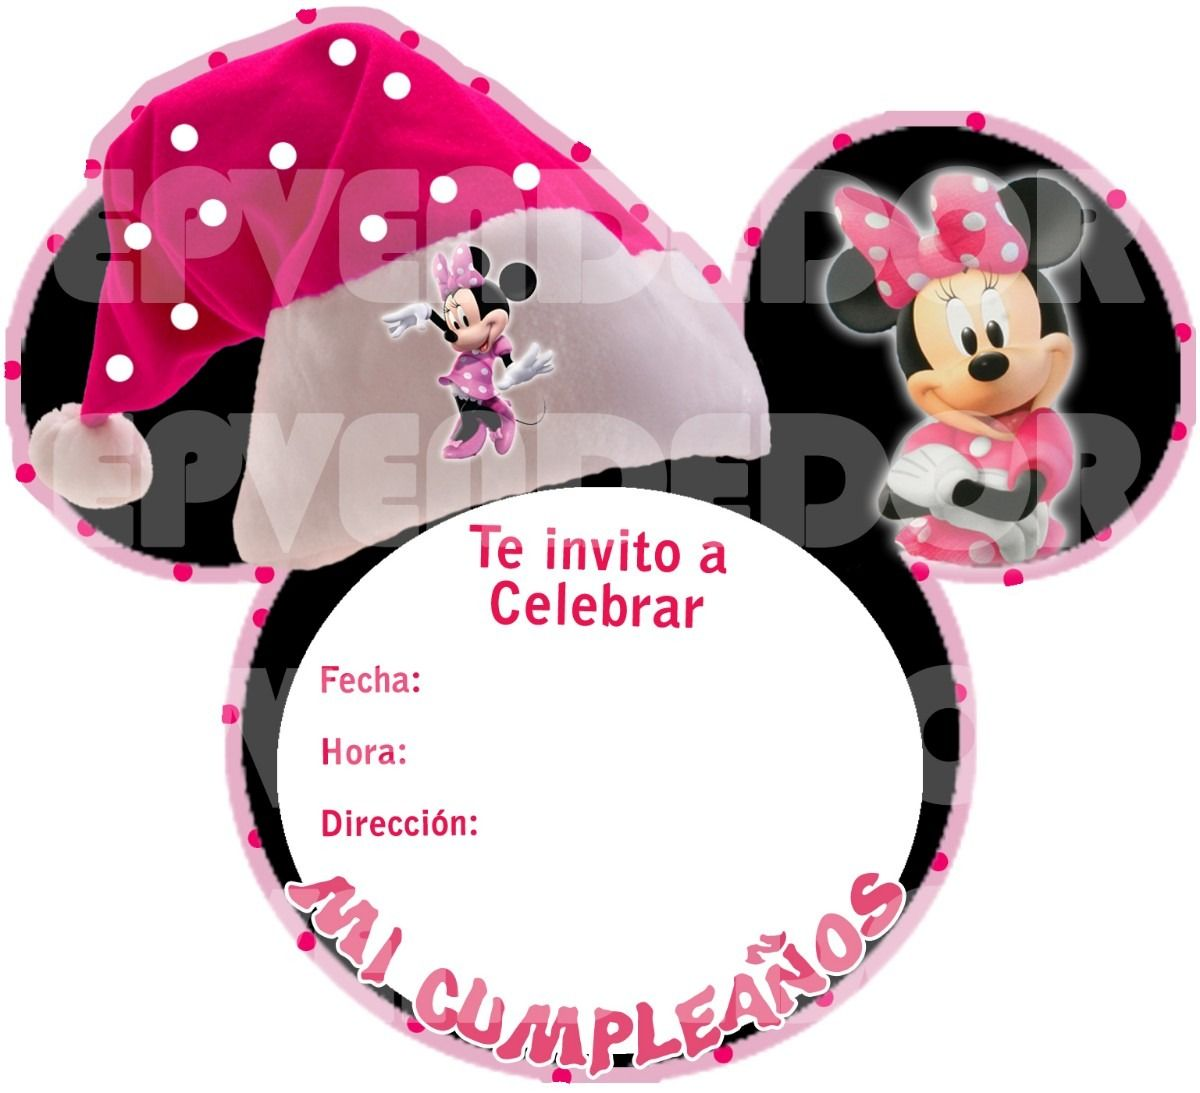 Tarjetas Invitacion Cumpleanos Casa Mickey Mouse Disney Cod